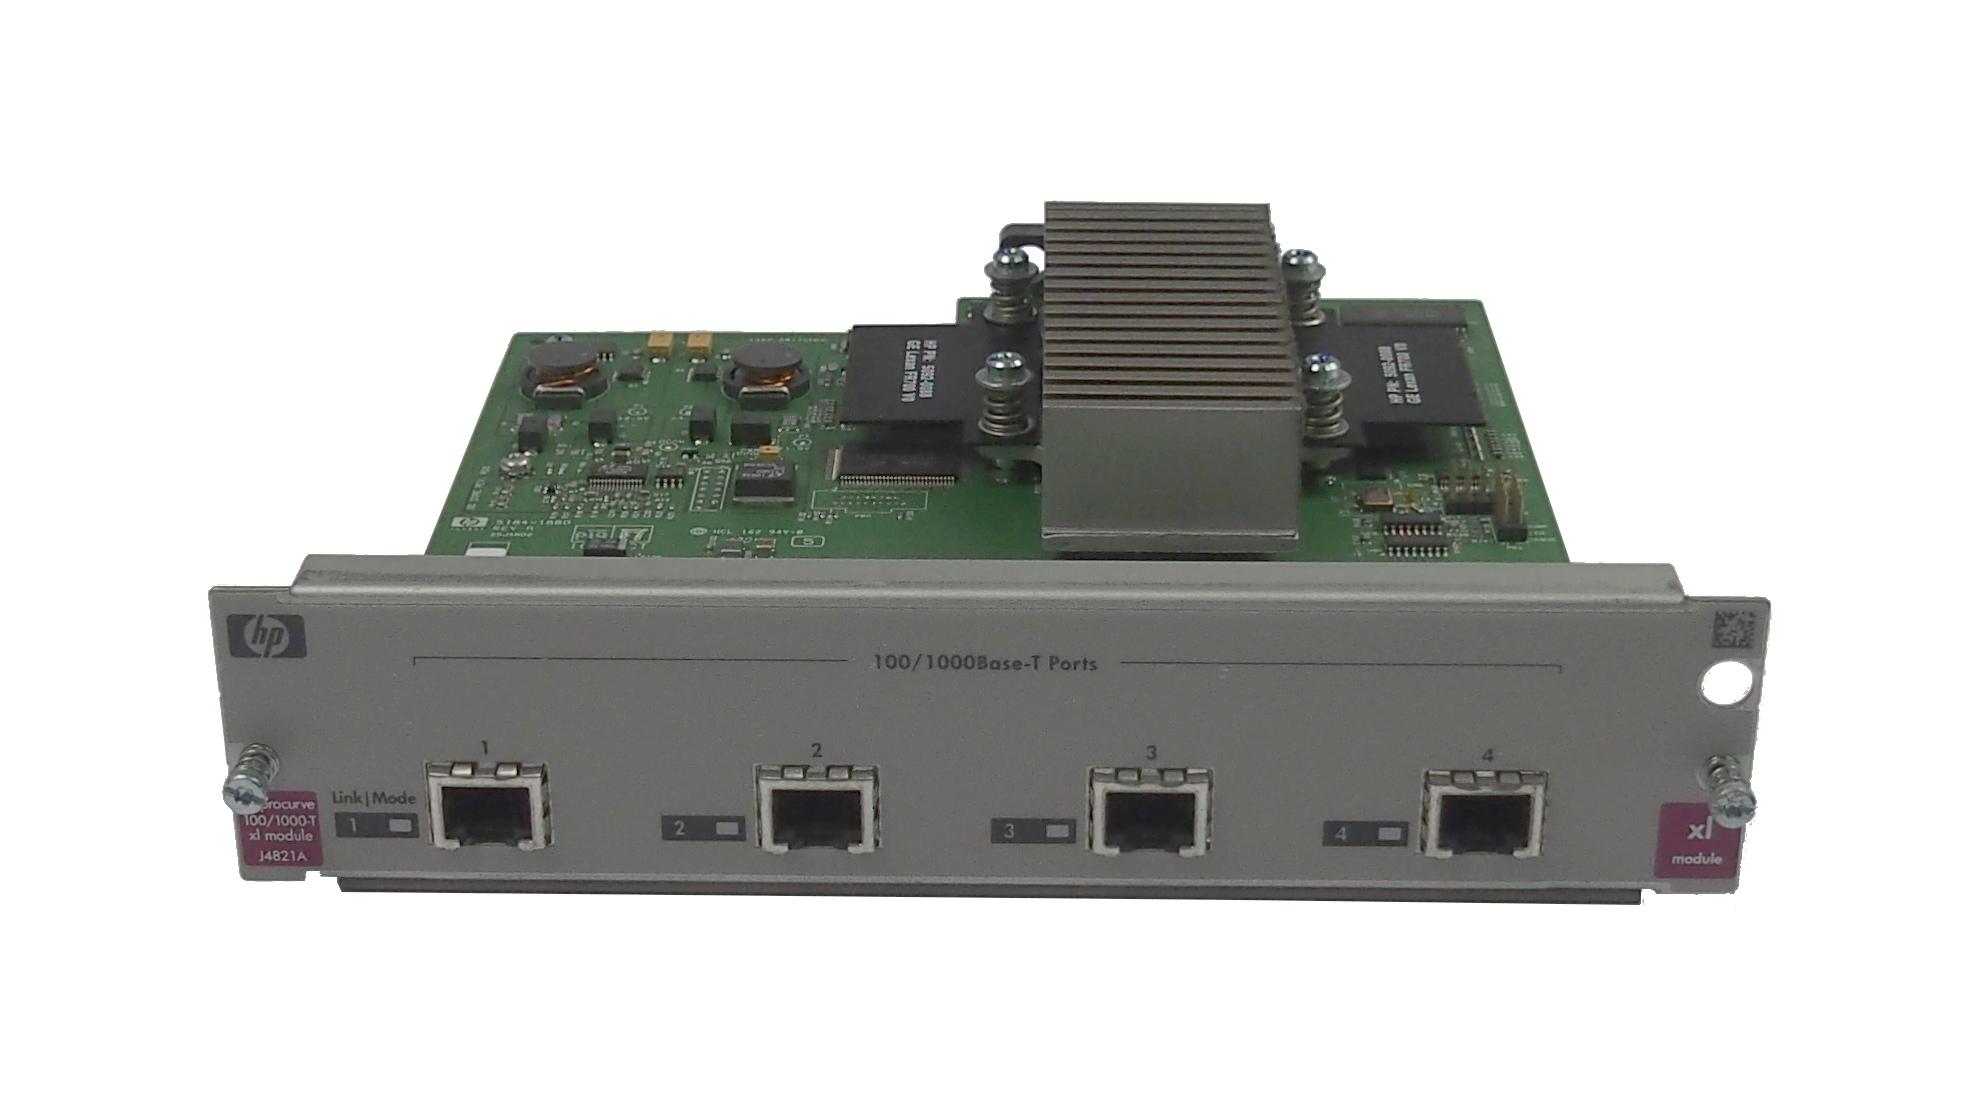 HP J4821A Procurve 100/1000-T xl Module- 5064-9935